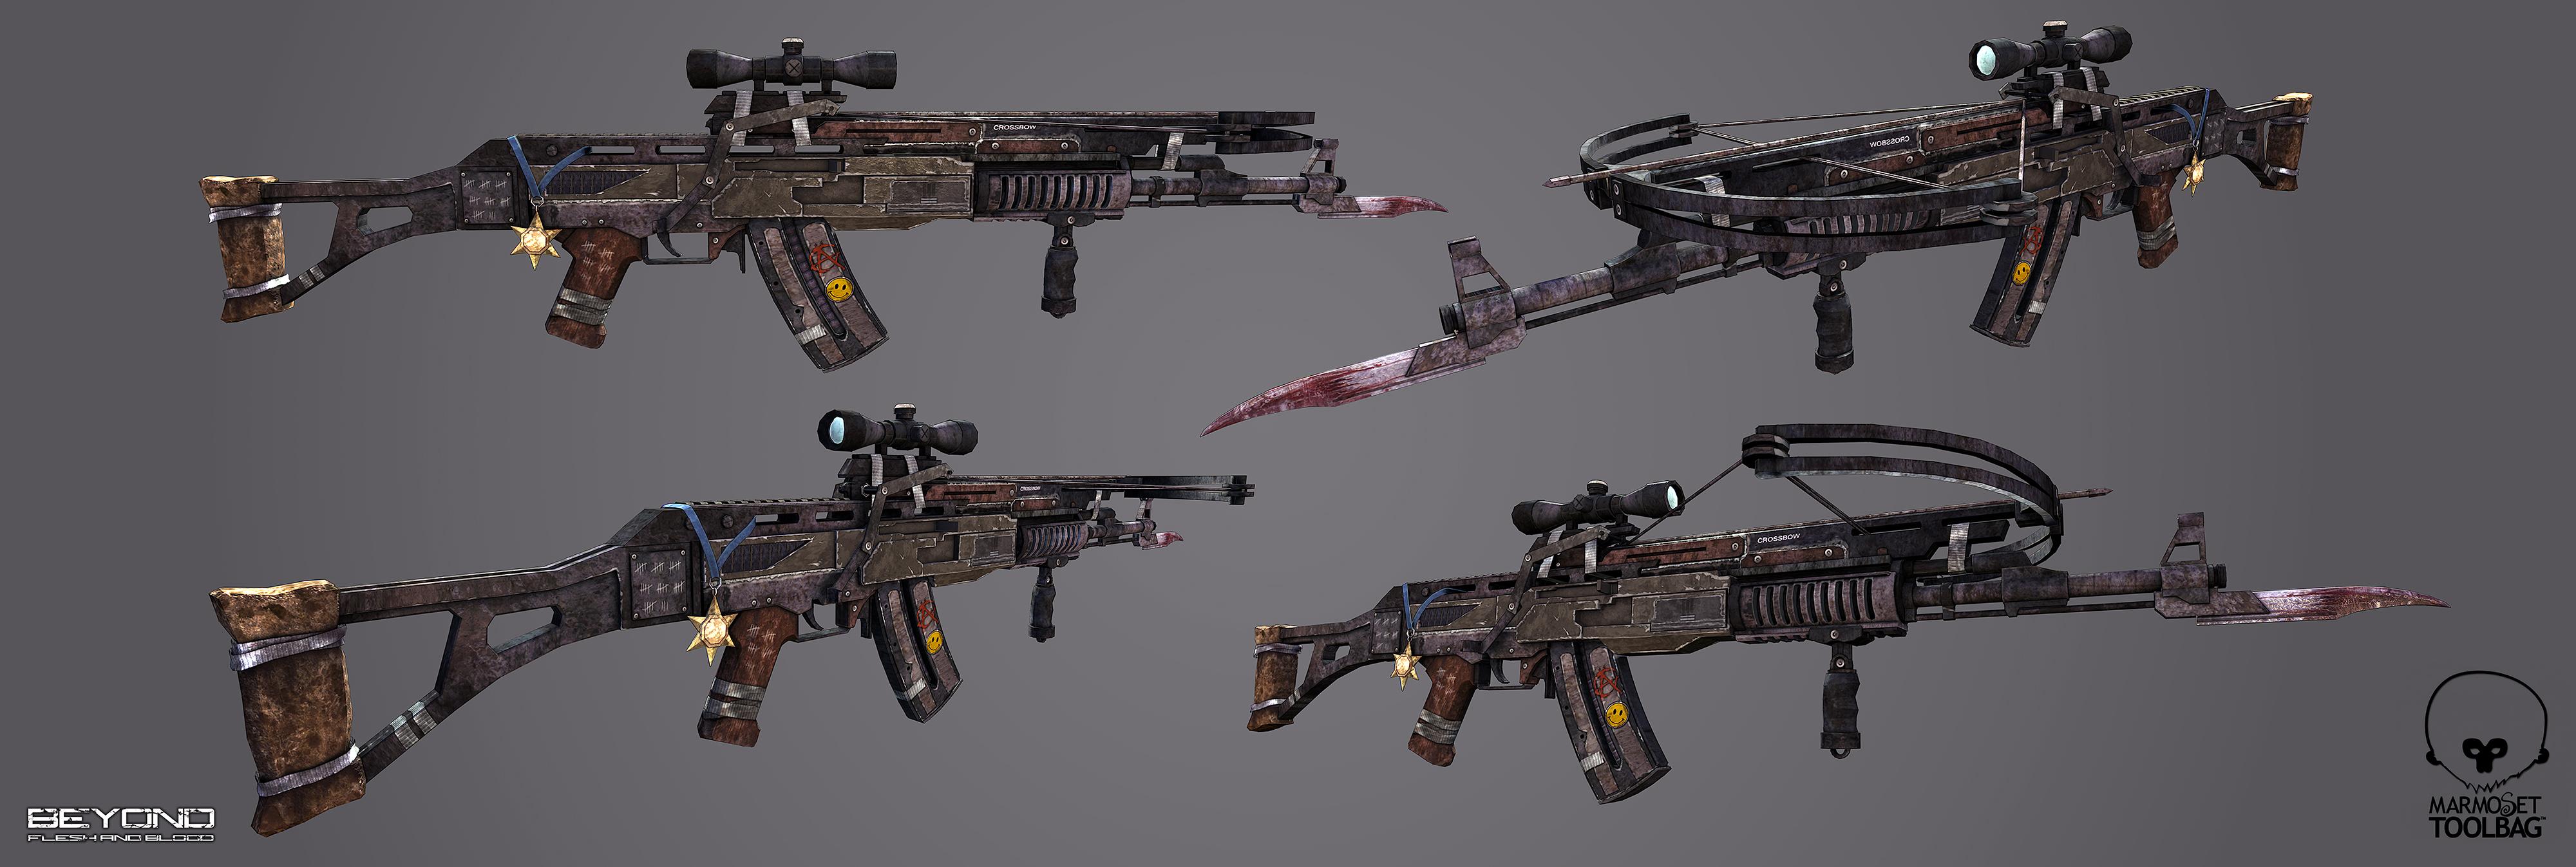 Rebel Assault Rifle 3d art